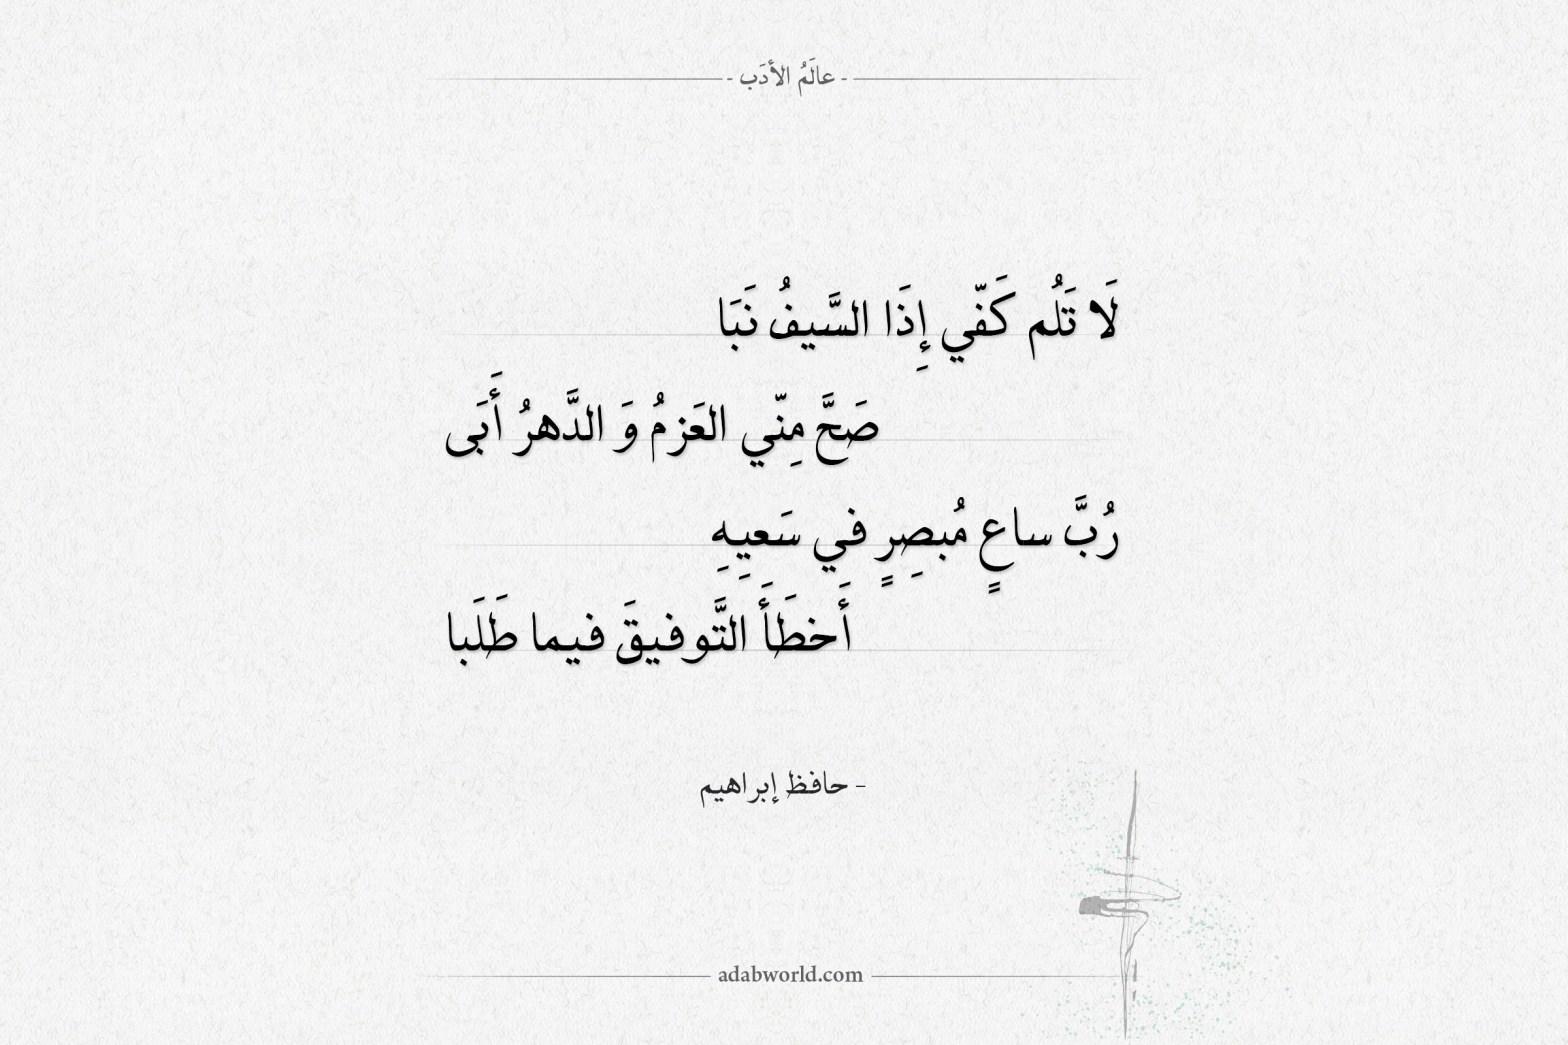 شعر حافظ إبراهيم لا تلم كفي إذا السيف نبا